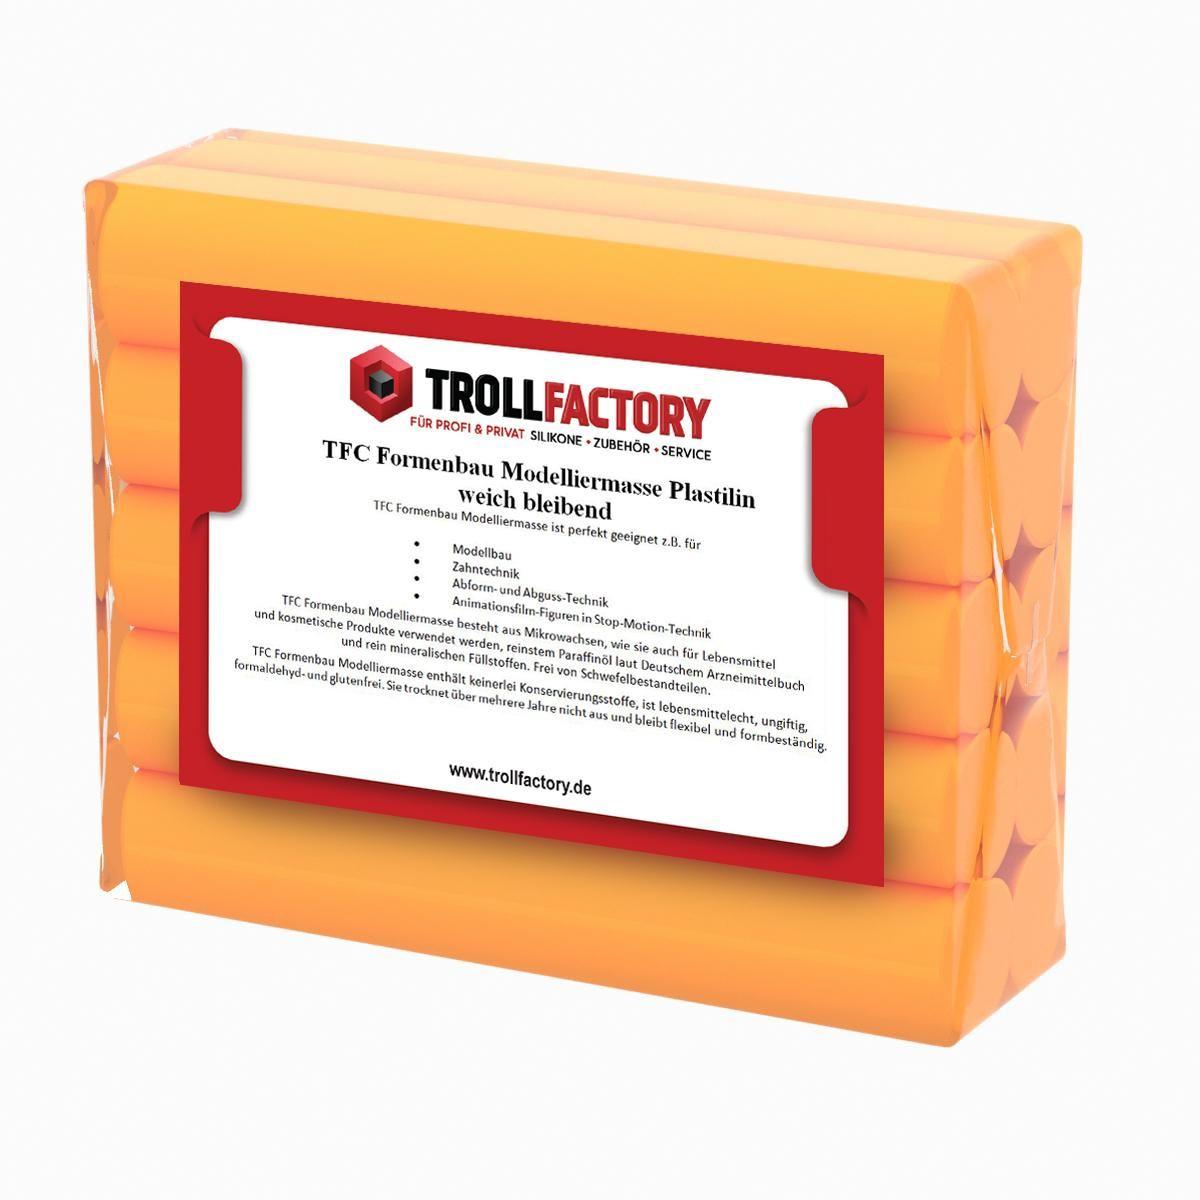 TFC Formenbau Modelliermasse orange Plastilin weich bleibend